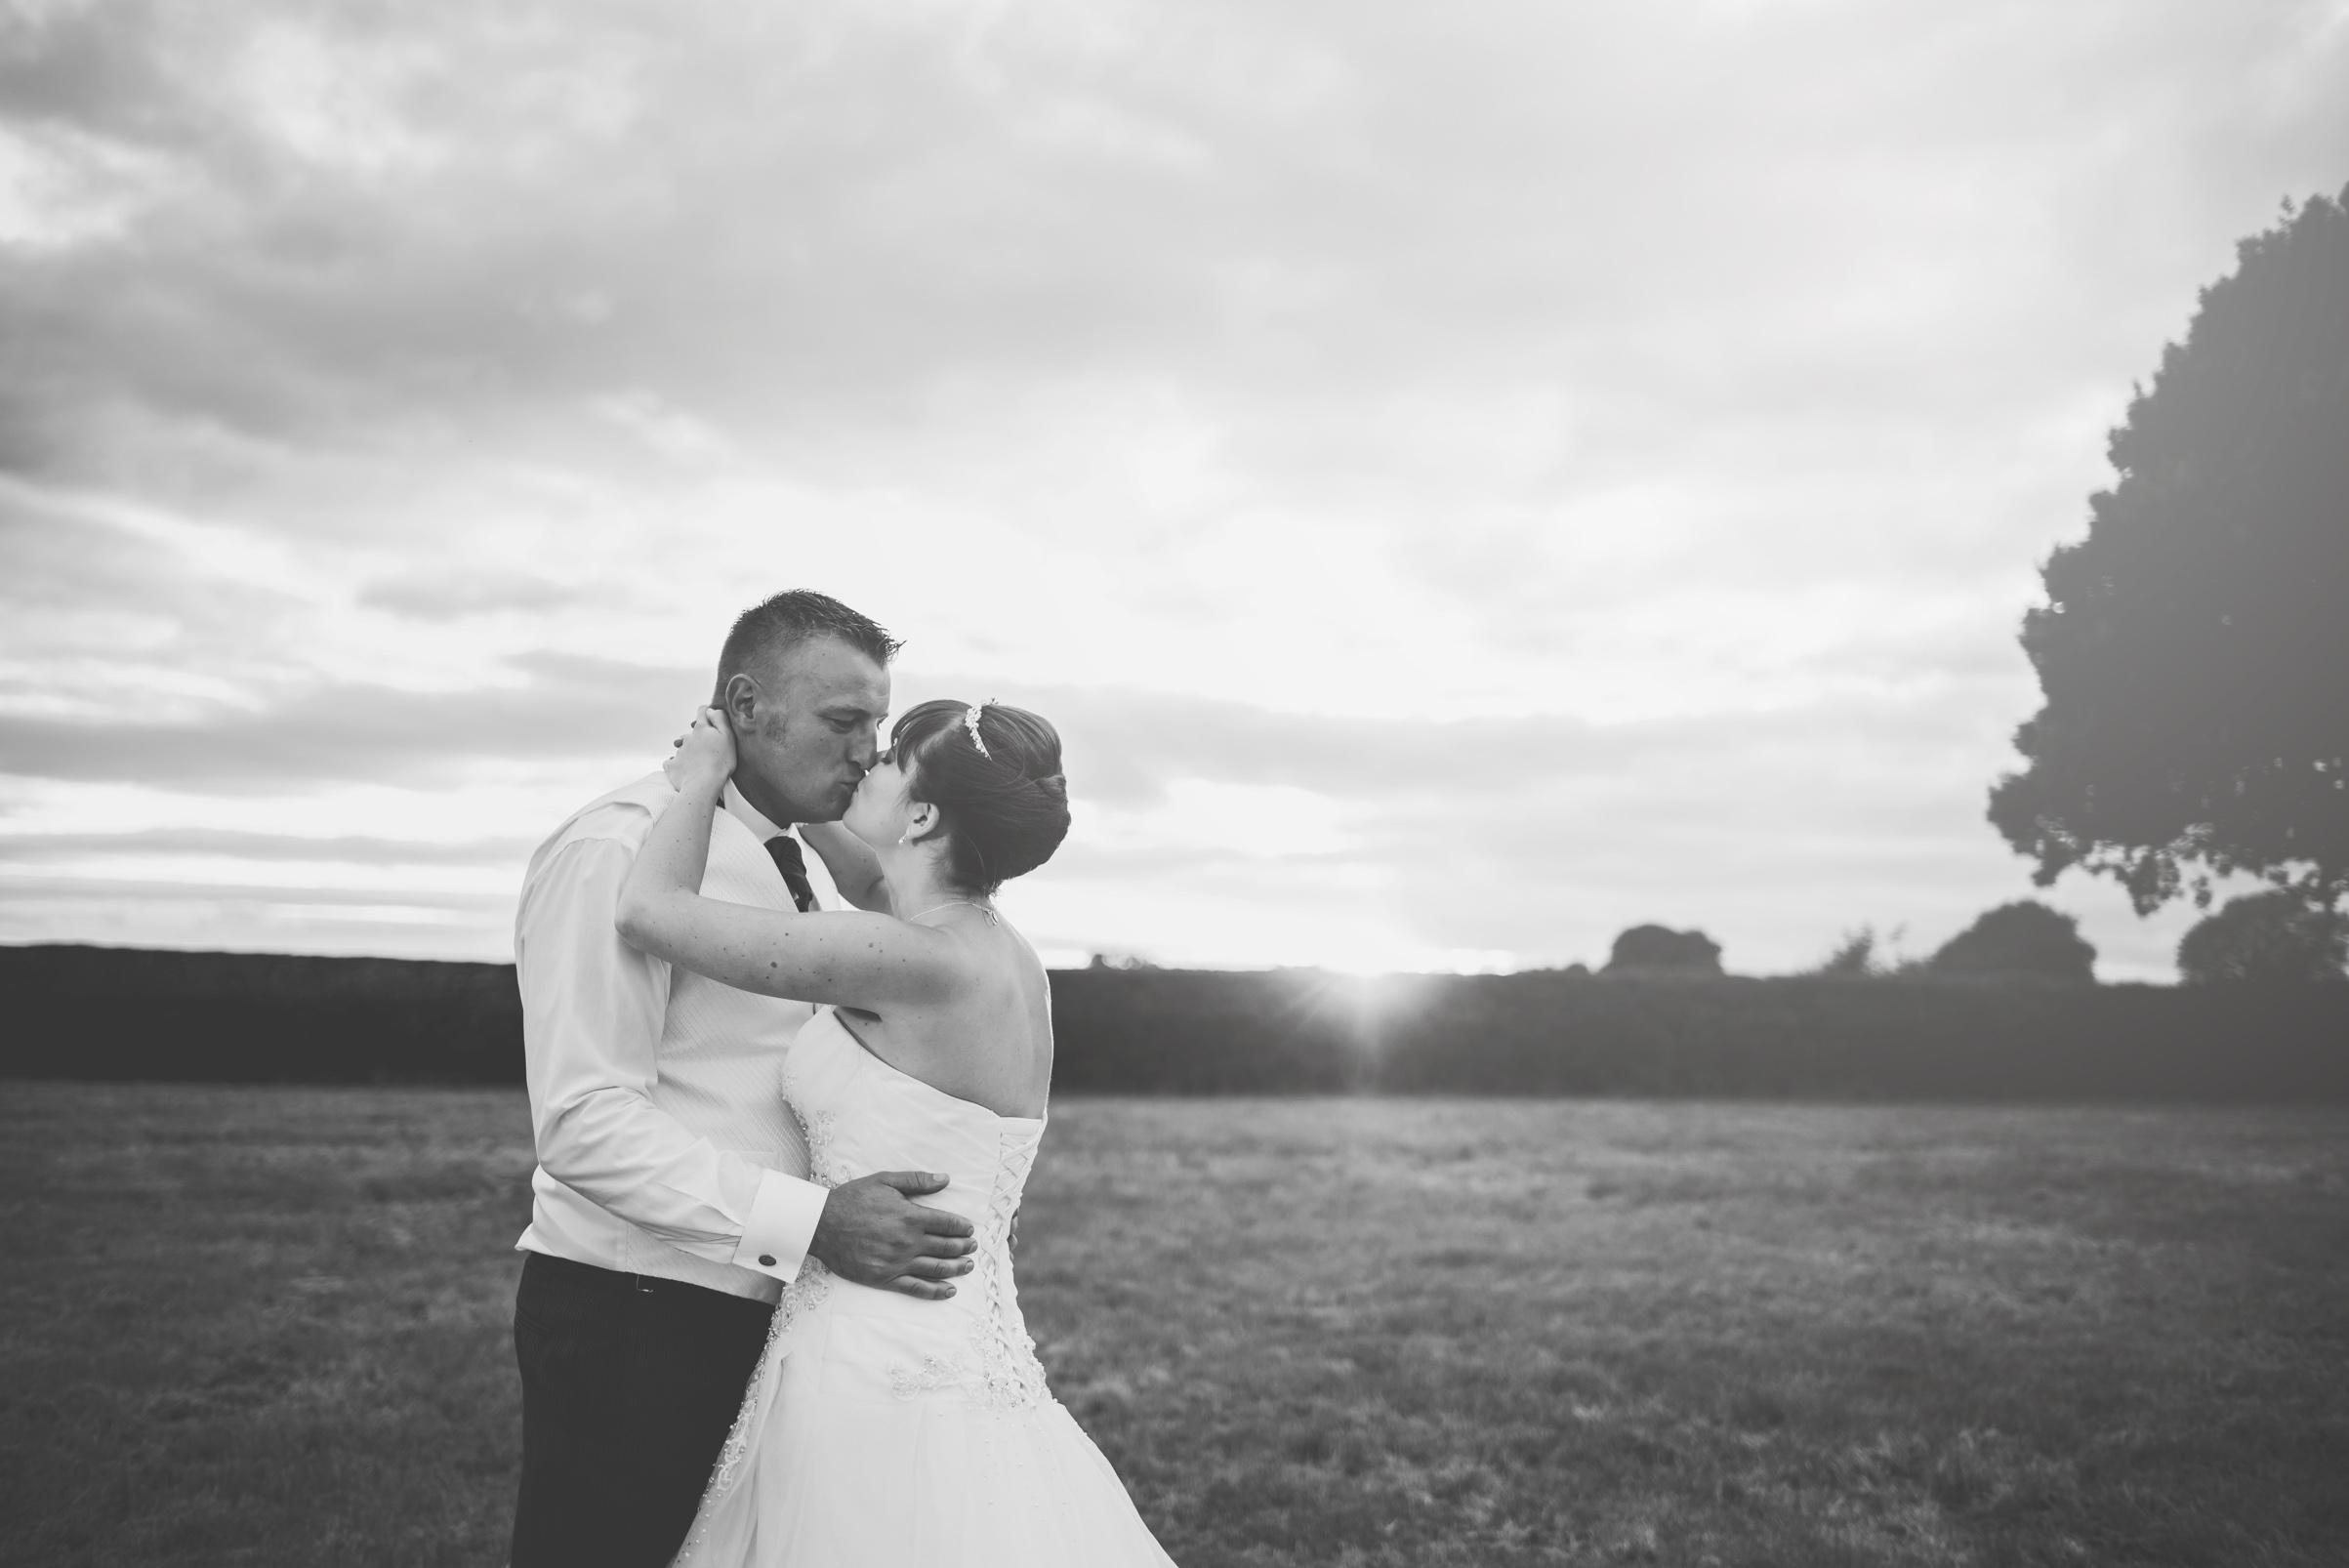 Farm-wedding-staffordshire-st-marys-catholic-church-uttoxter-119.jpg